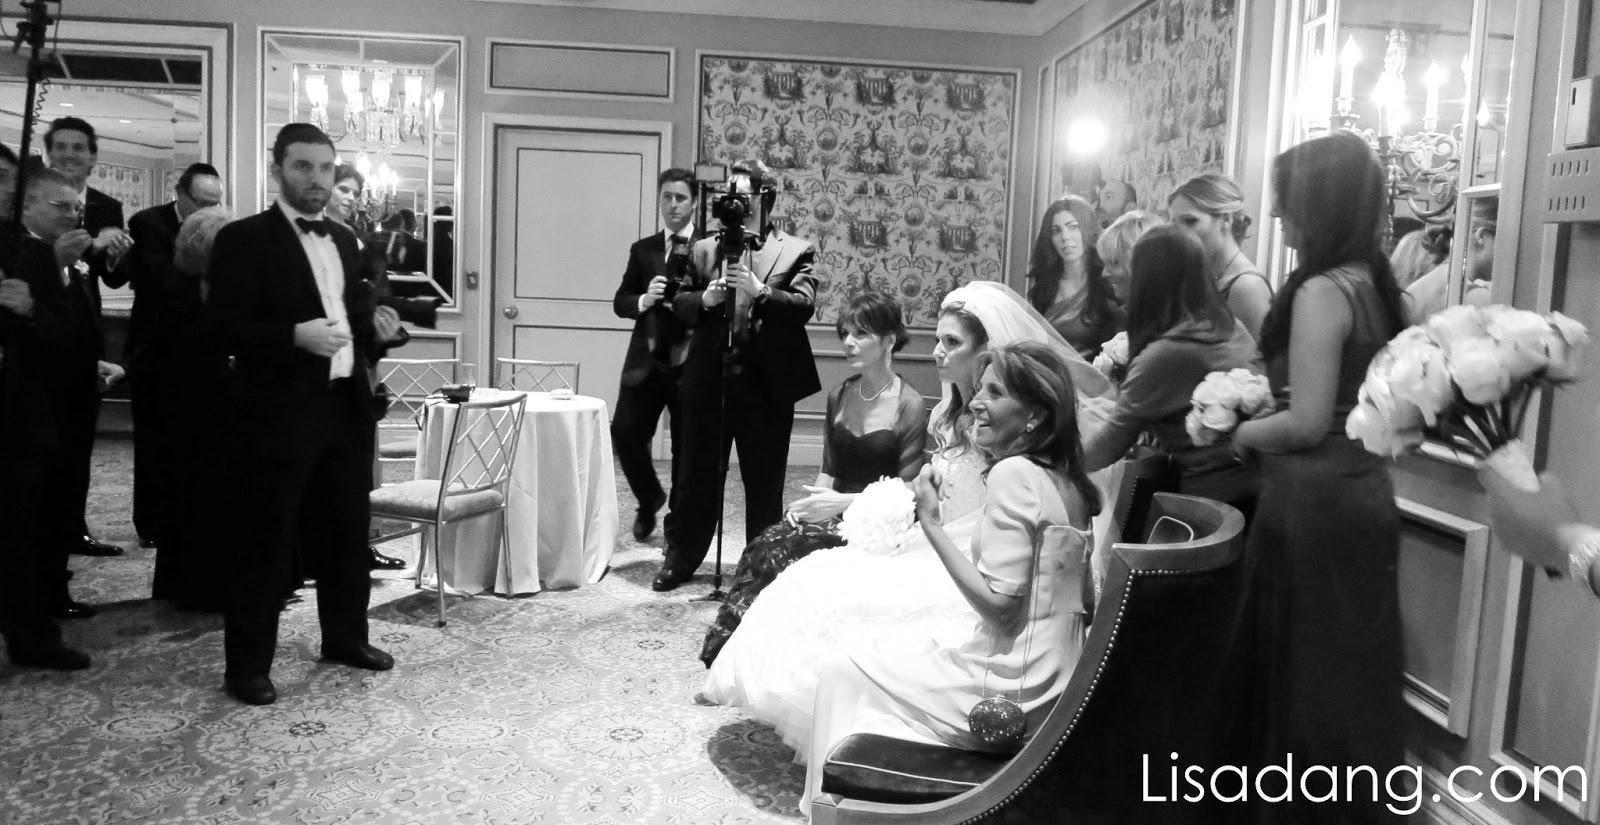 David nealy wedding